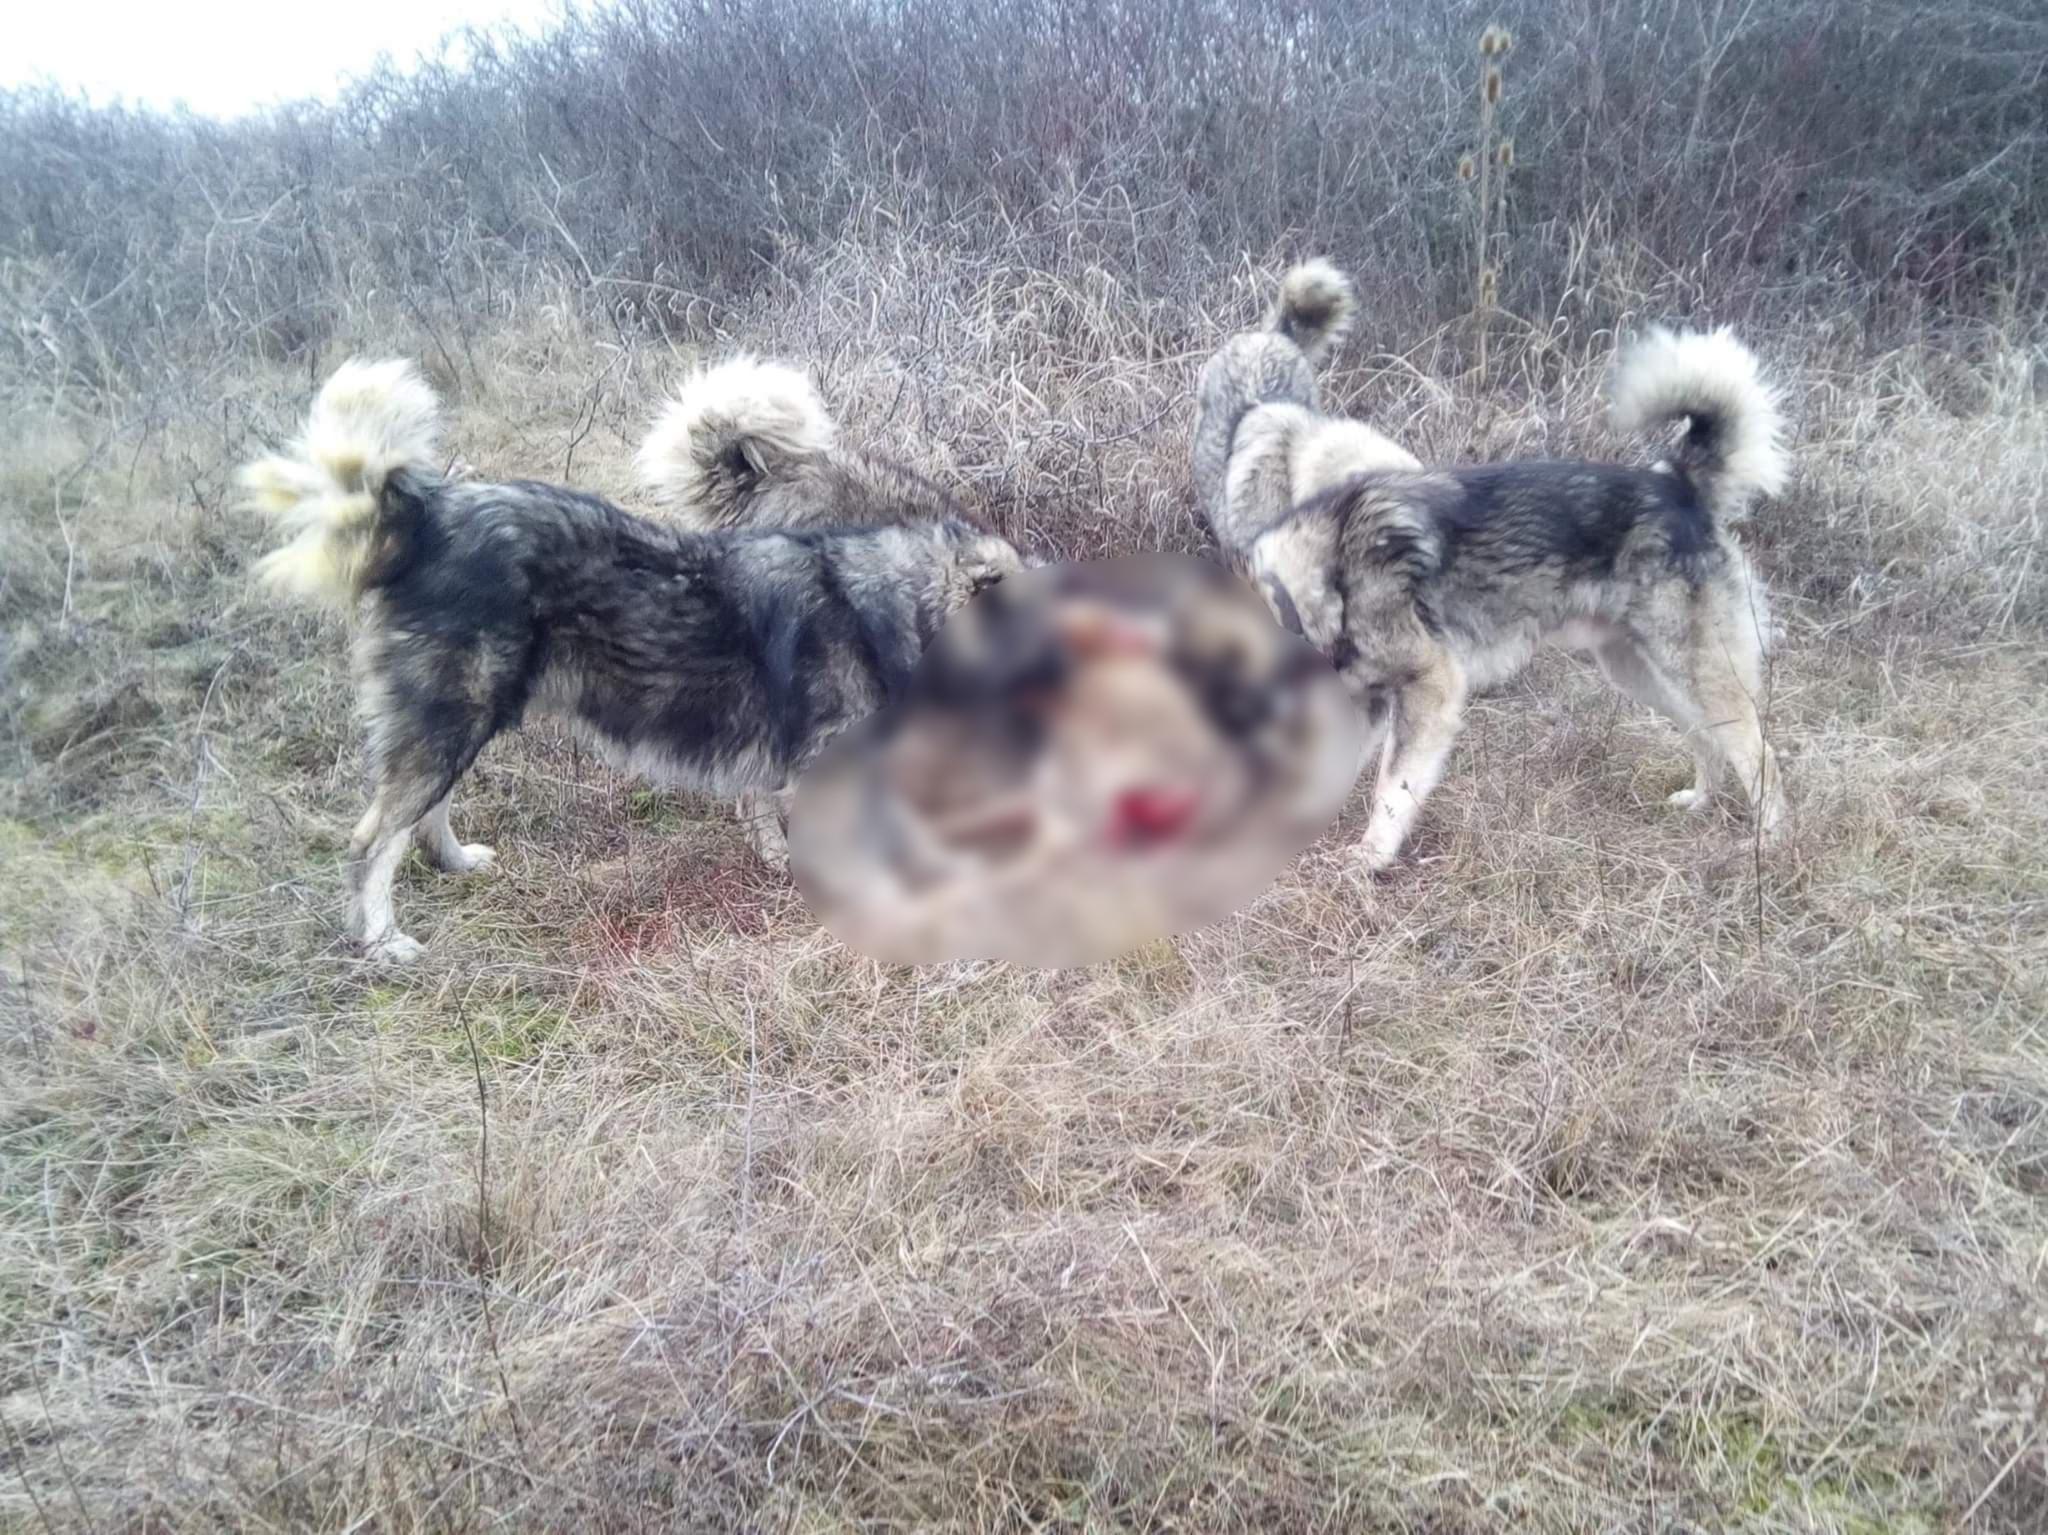 Distracția macabră a unor tineri ciobani din Bistrița: își pun câinii să omoare animalele din sat